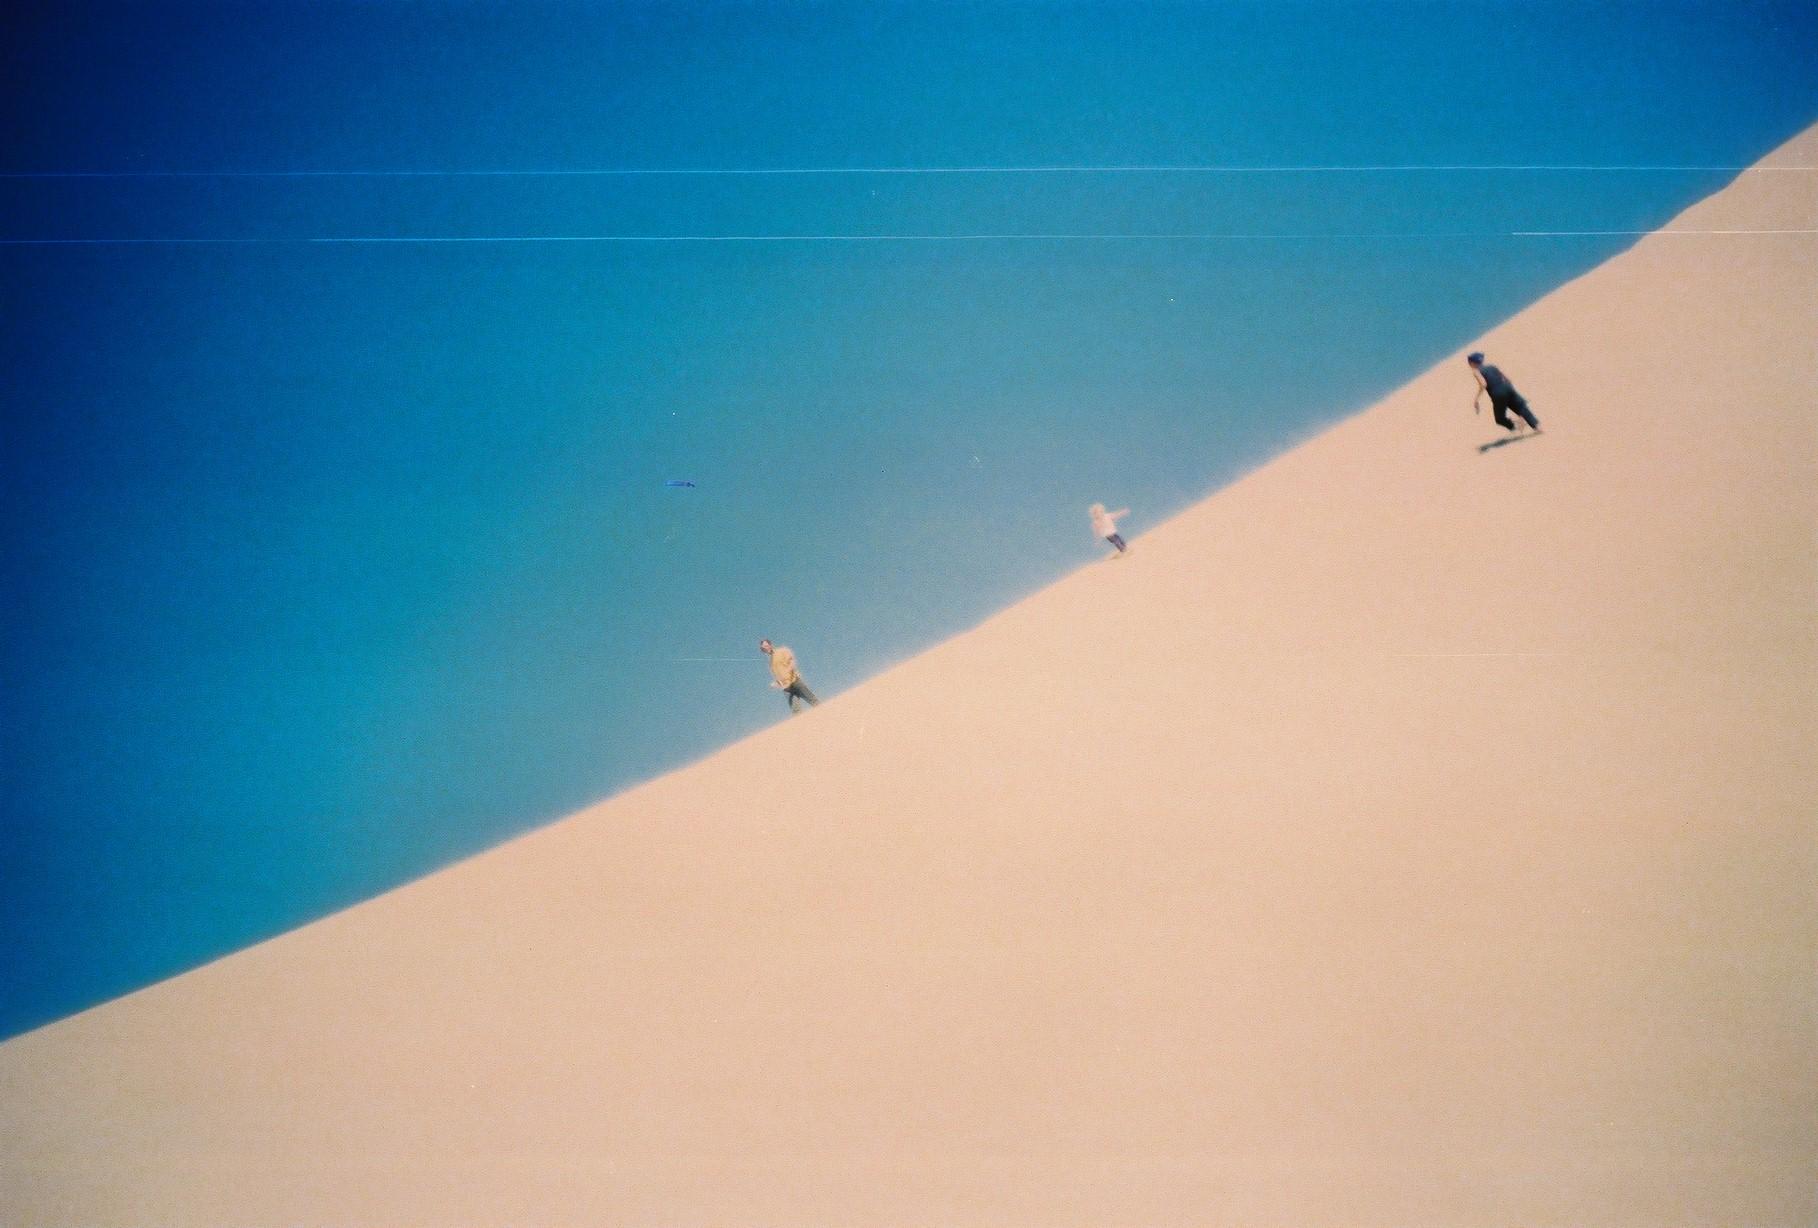 игры в дюнах, Мавритания